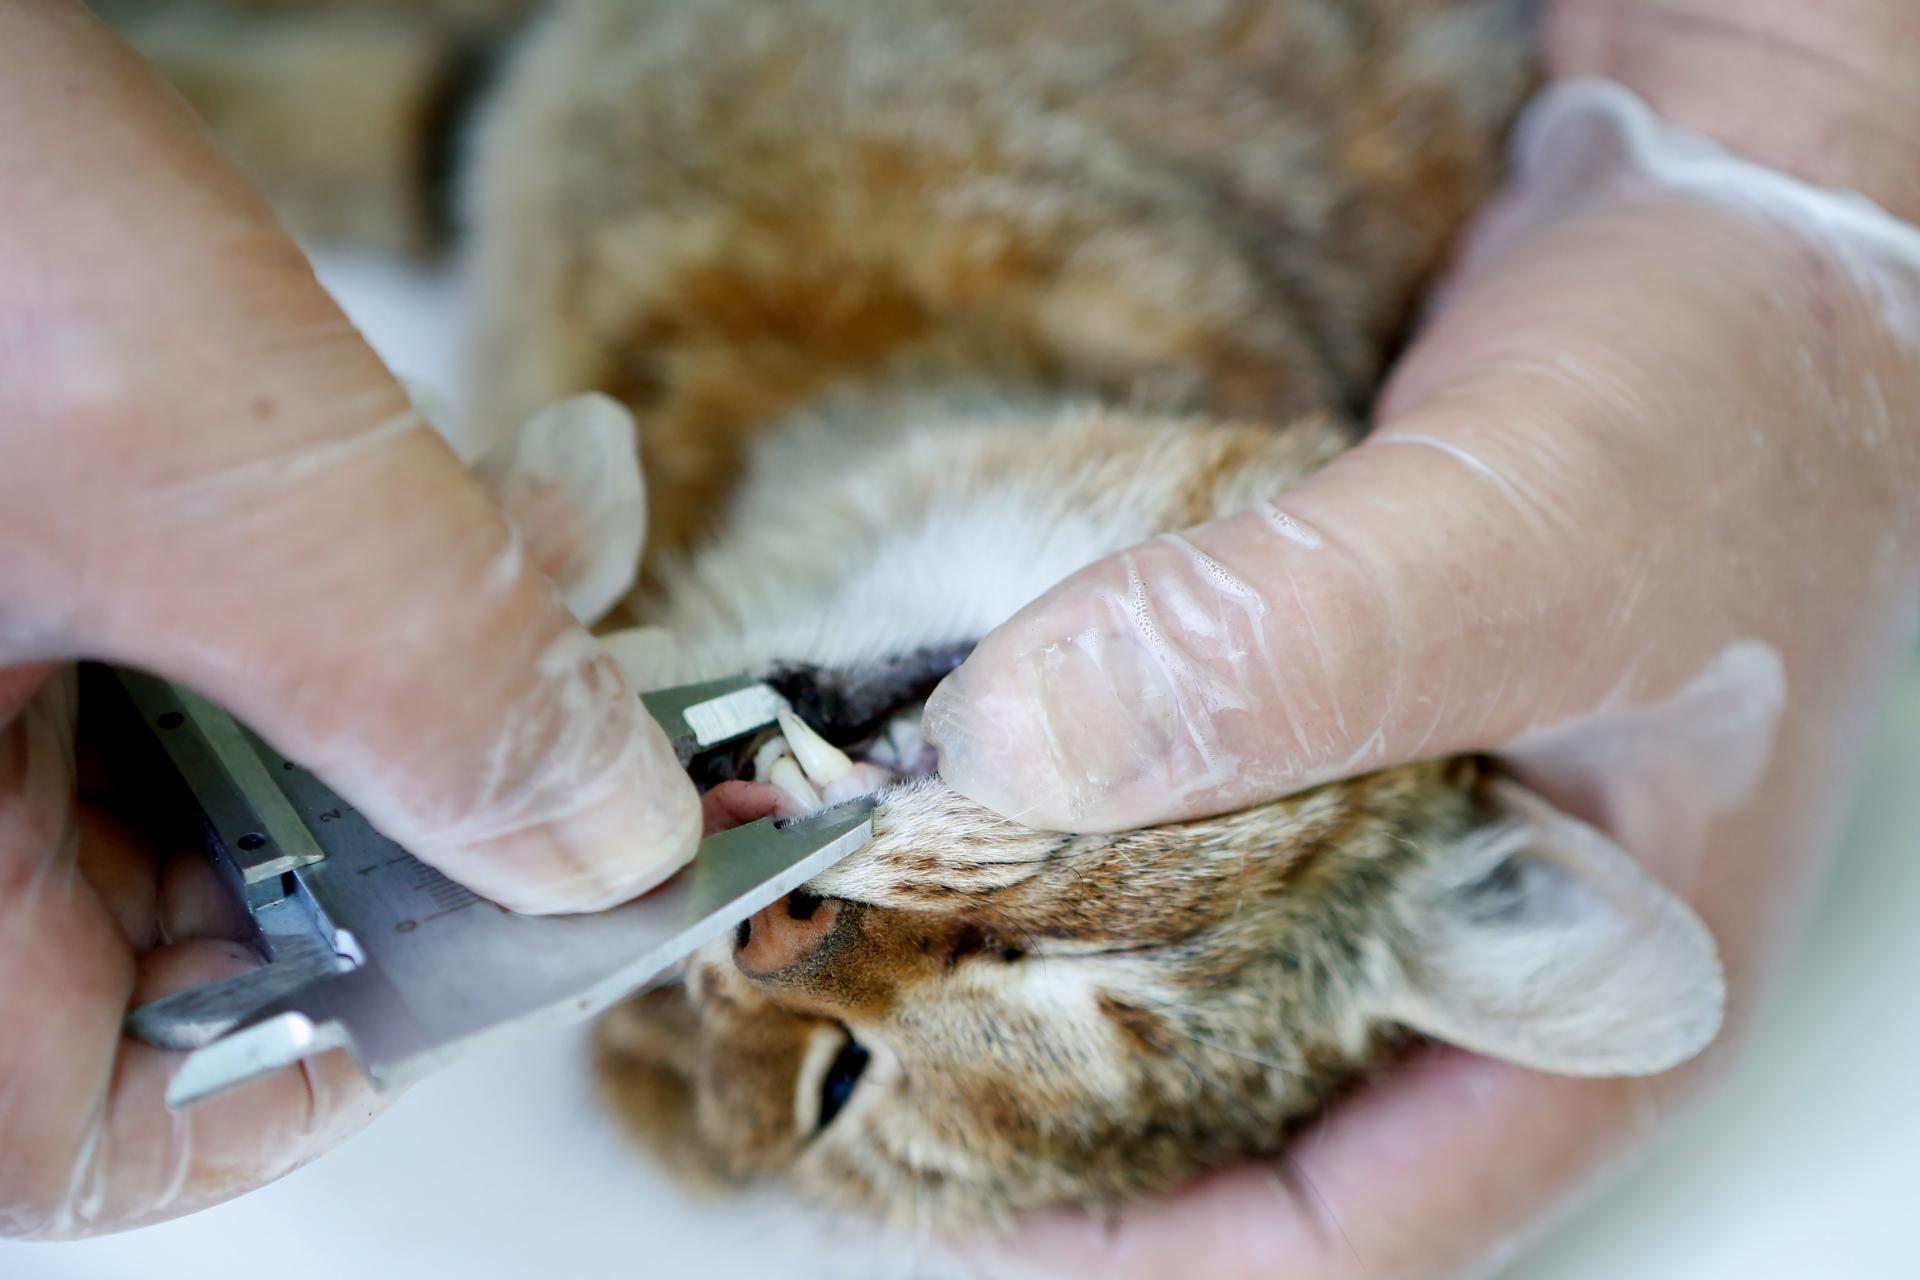 Un employé de l'Office national de la chasse et de la faune sauvage mesure les canines d'un« chat-renard», dans la forêt d'Asco.